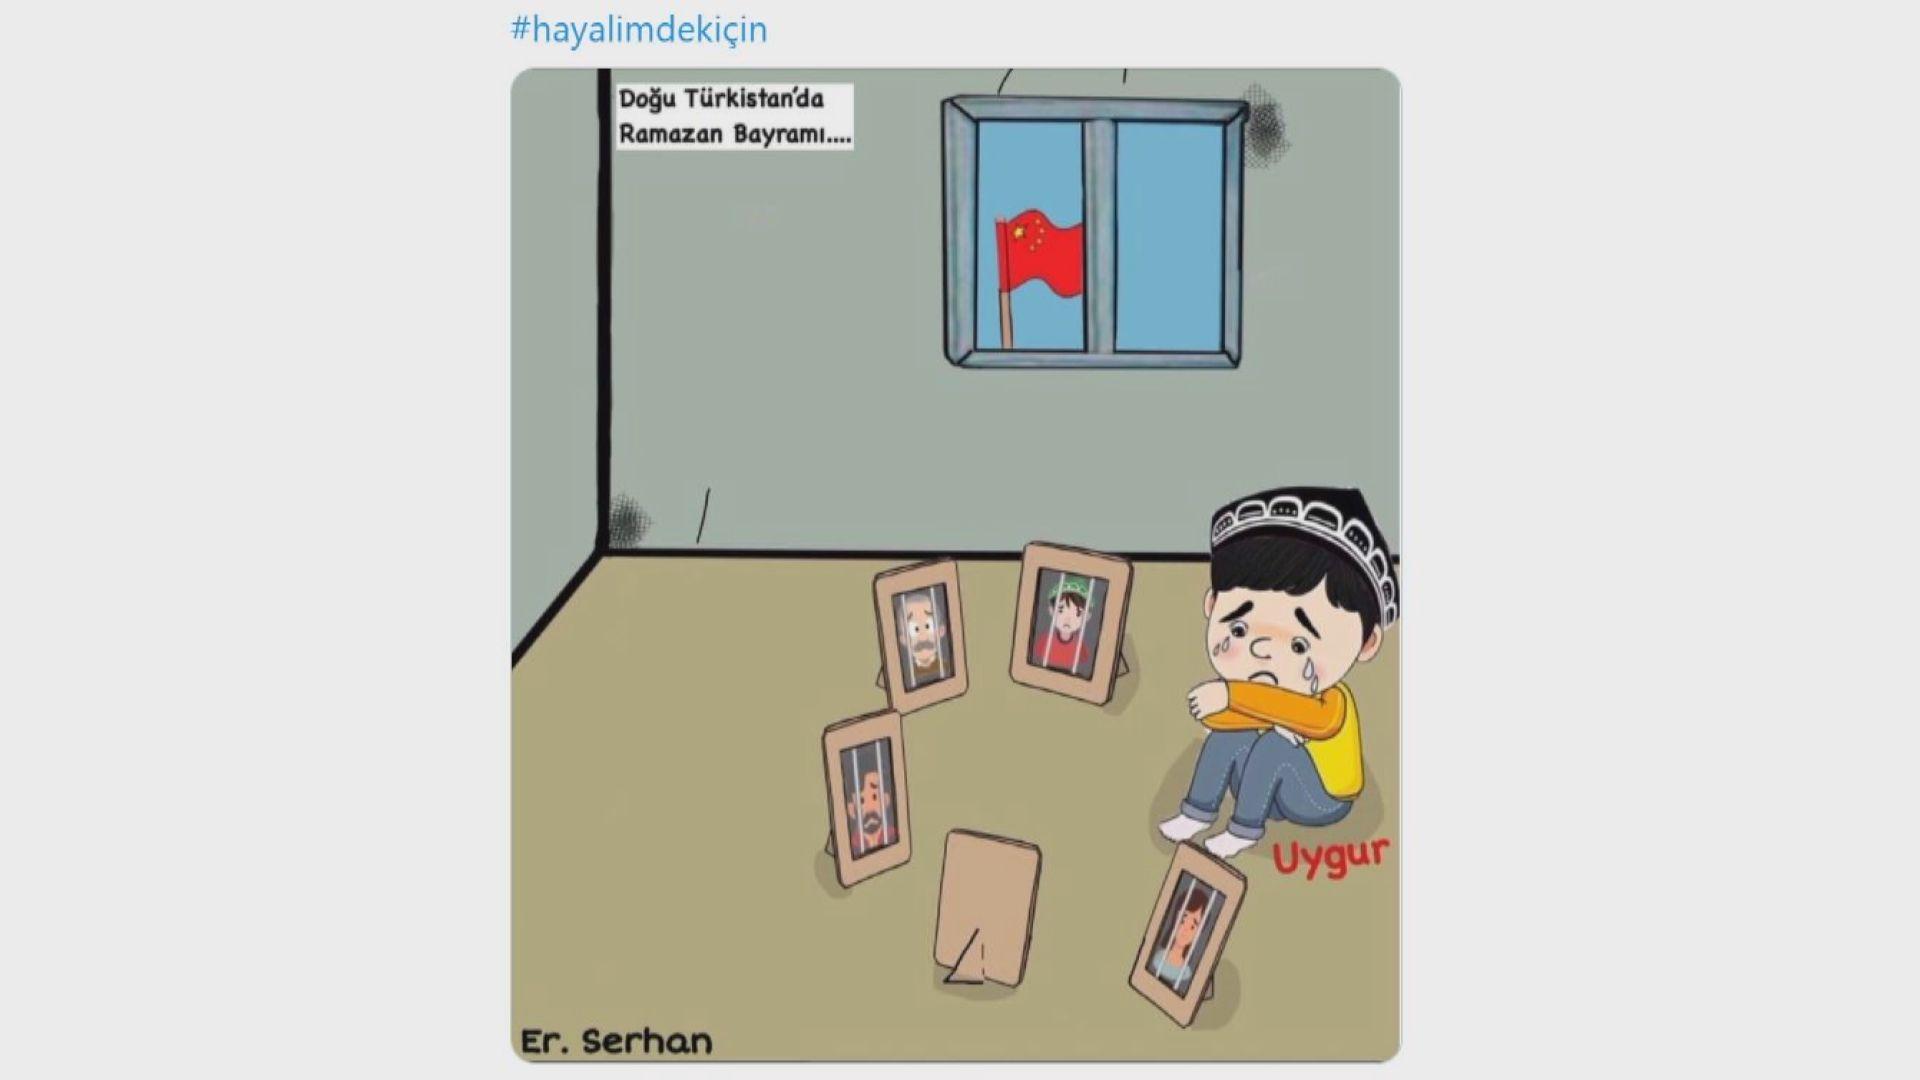 土耳其網民上載畫作批中國打壓維吾爾族